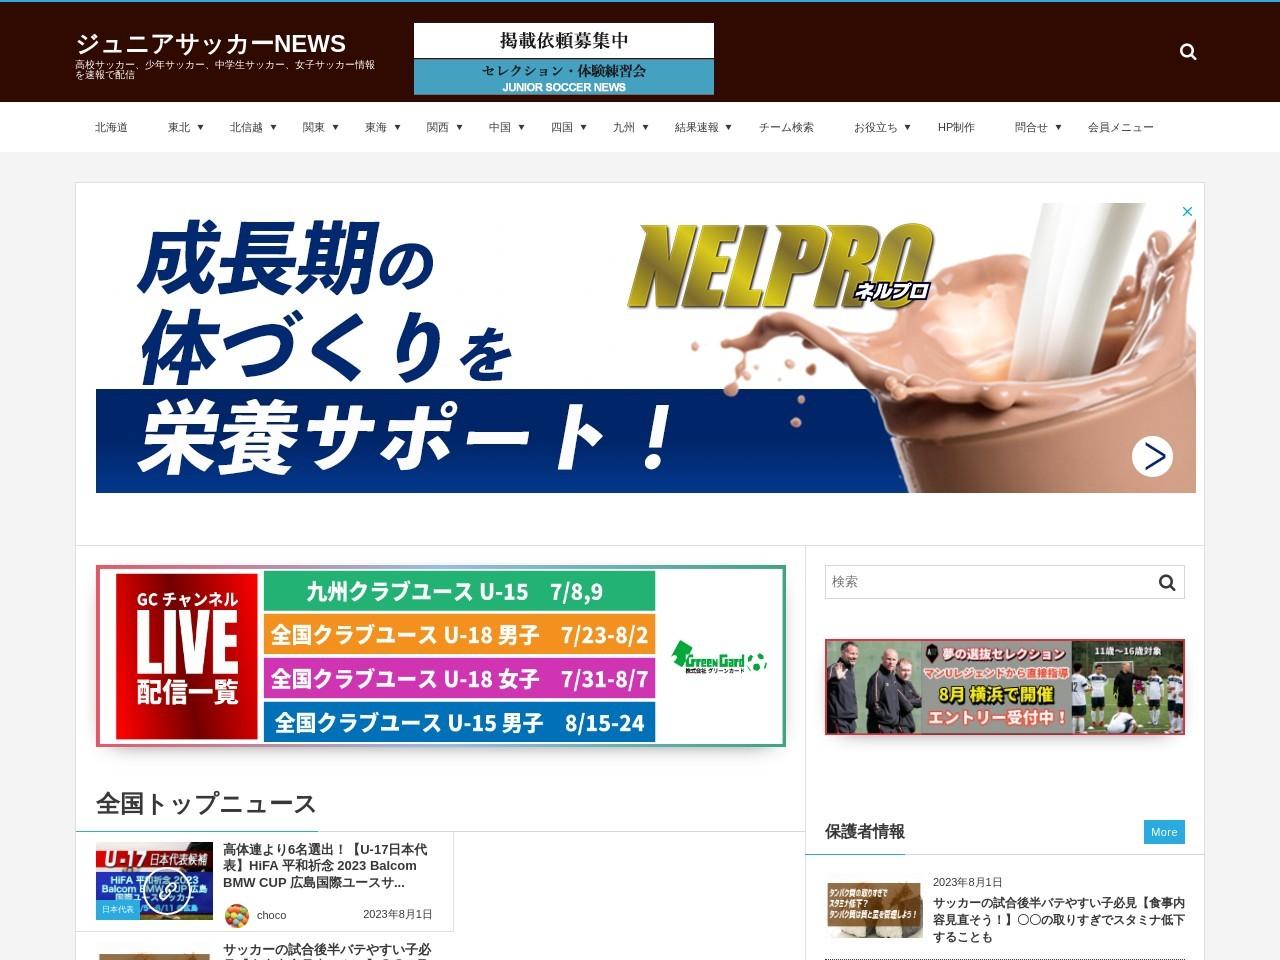 【大阪府】ブログランキング8/1~8/31に見られたサッカーブログベスト10